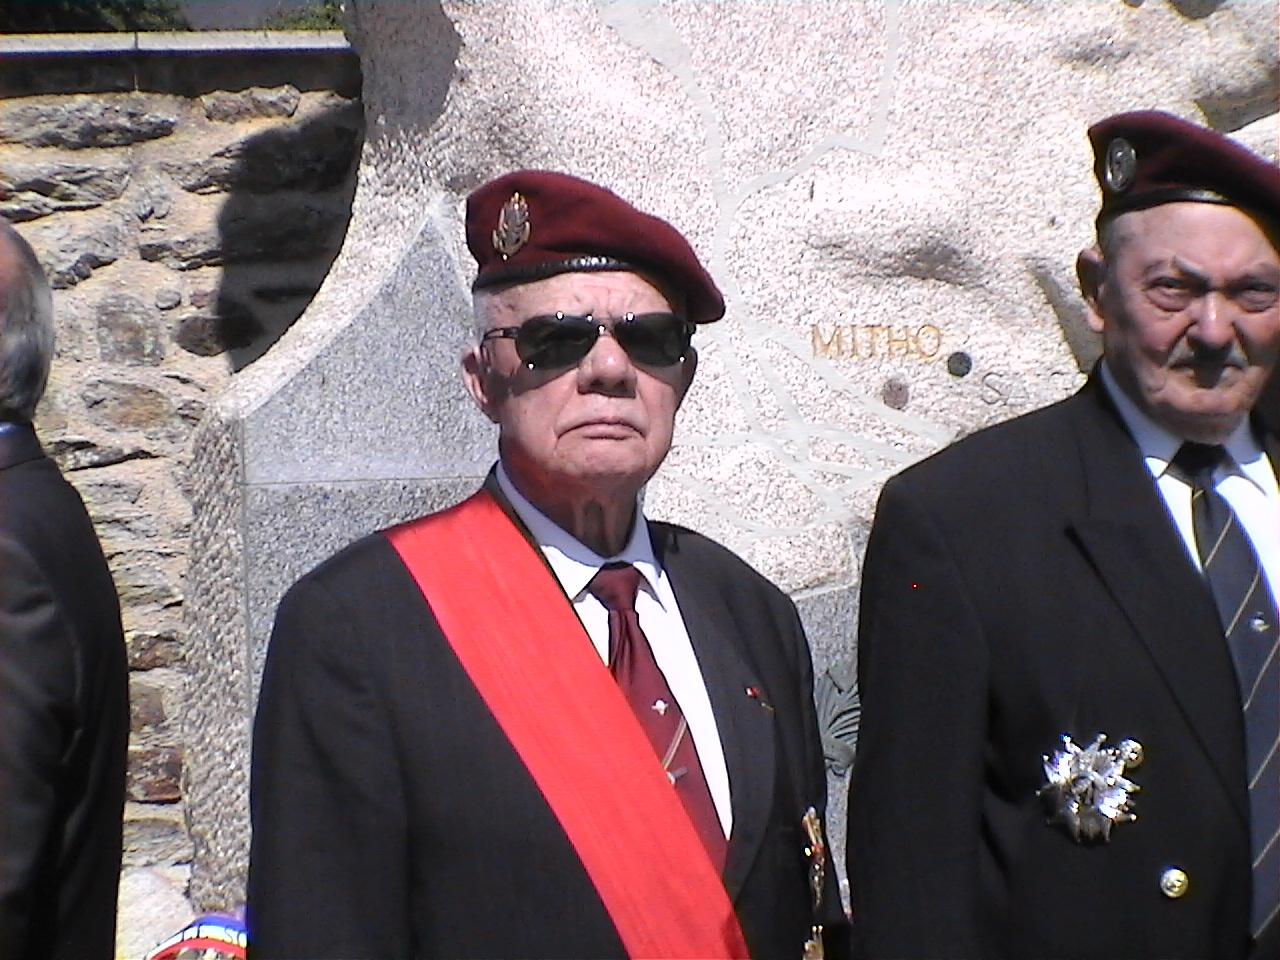 Cérémonie en hommage au Général BIGEARD au mémorial de Lauzach (56) 319749DVC02521